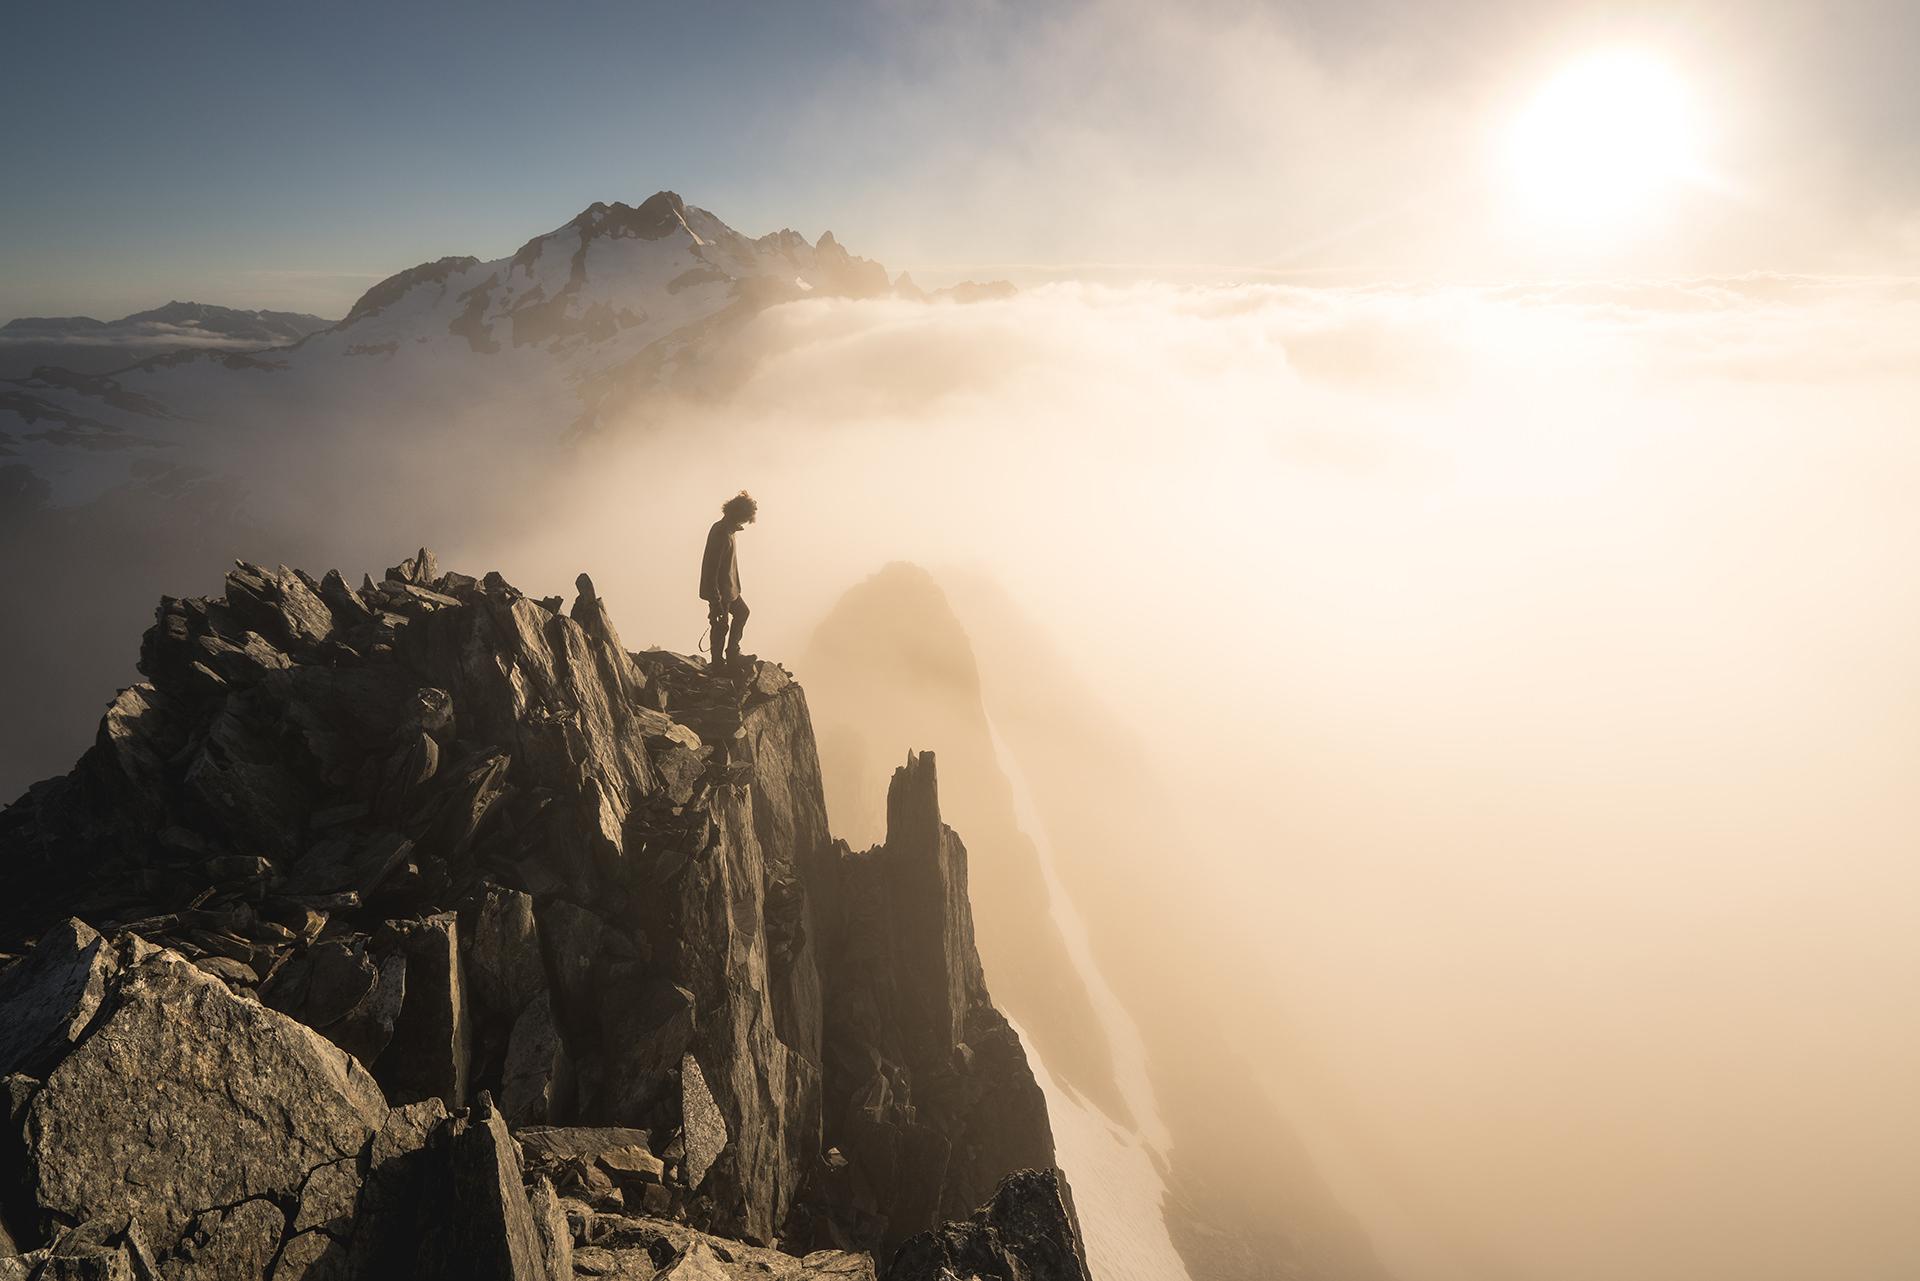 bergkamm-wandern-sonne-wolken-stimmung